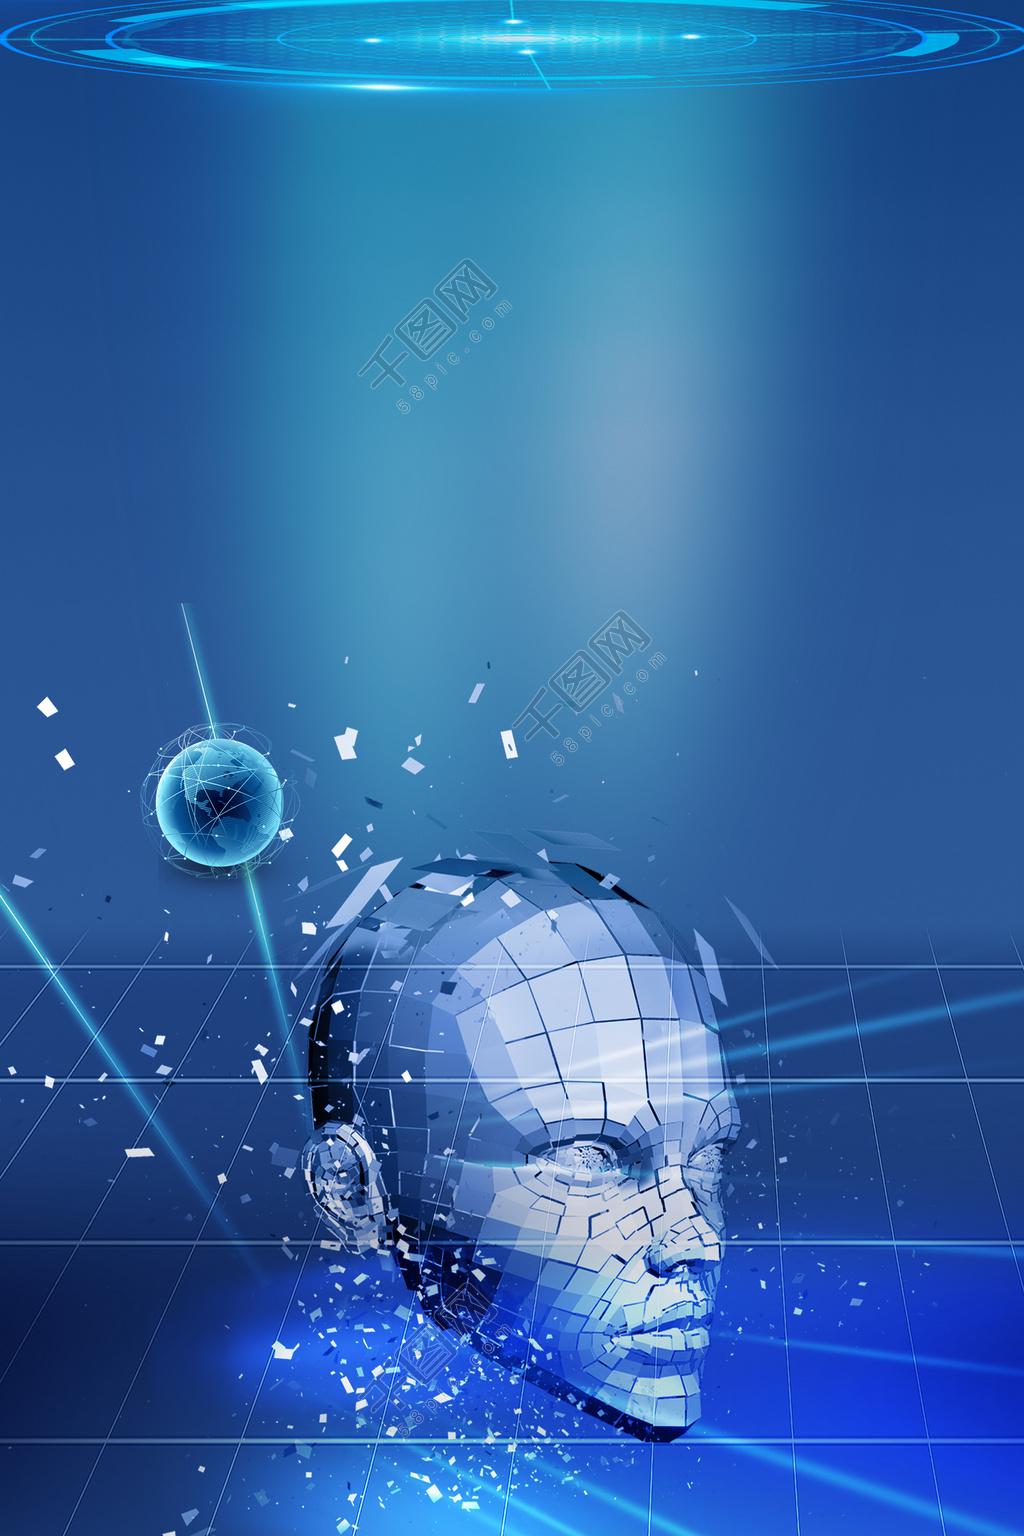 人工智能的未来(关于人工智能的报告)